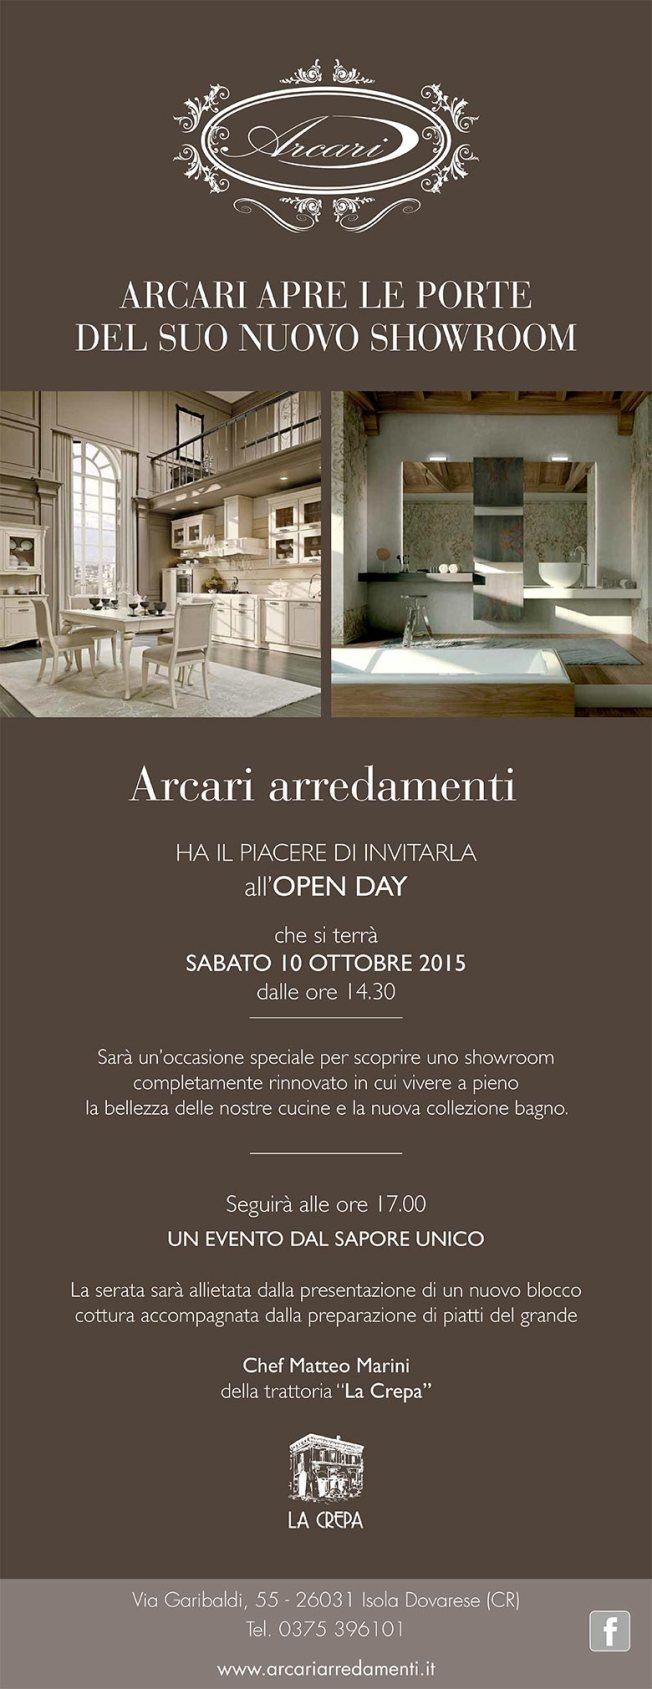 Arcari Aredamenti, Isola Dovarese, Made In Isola Dovarese, Cremona, Oglio-Chiese, 2015